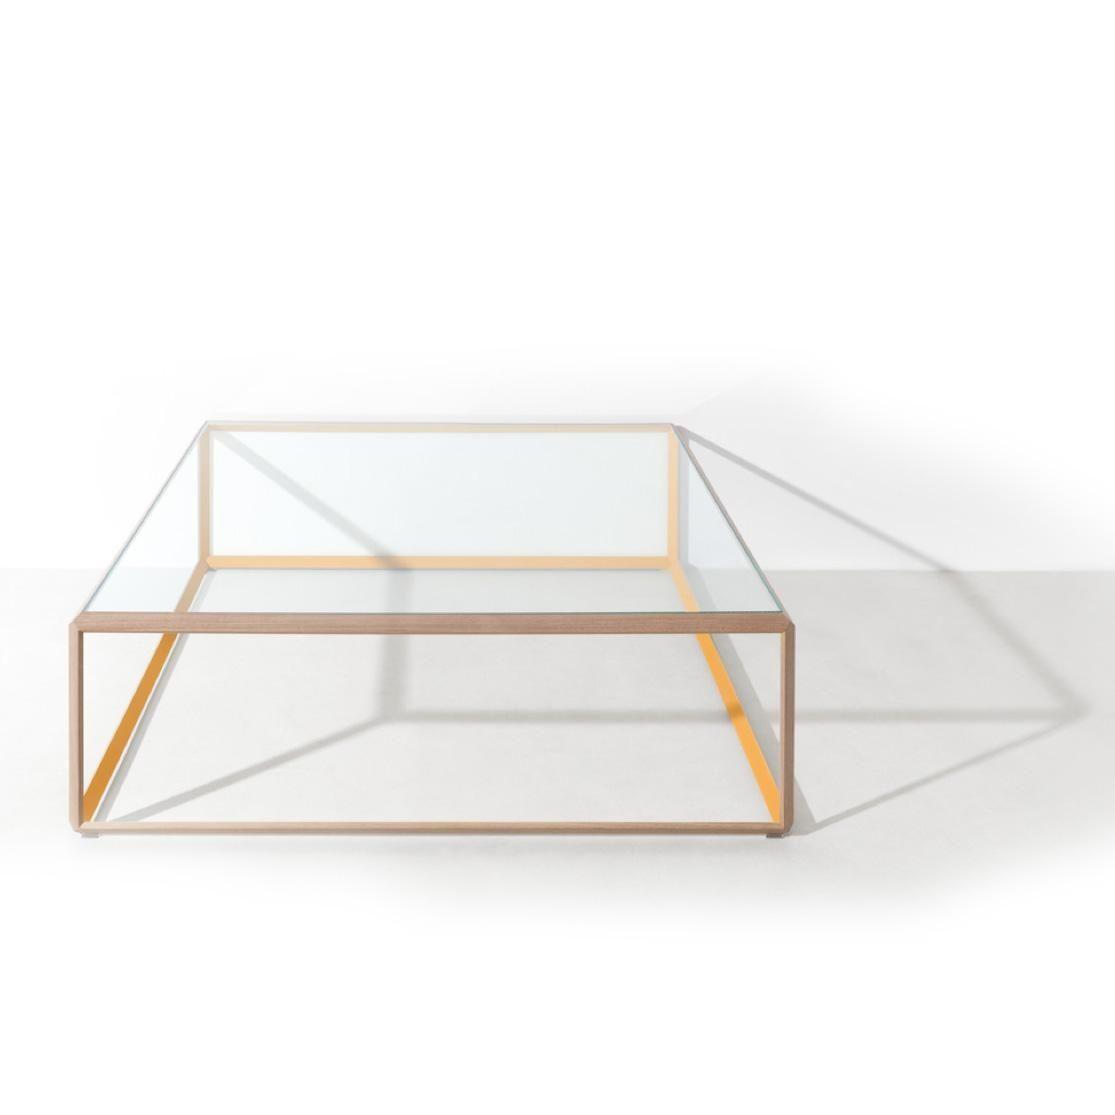 45 Tavolino Side Table 82x82cm Molteni C Square Glass Coffee Table Coffee Table Table Furniture [ 1115 x 1115 Pixel ]